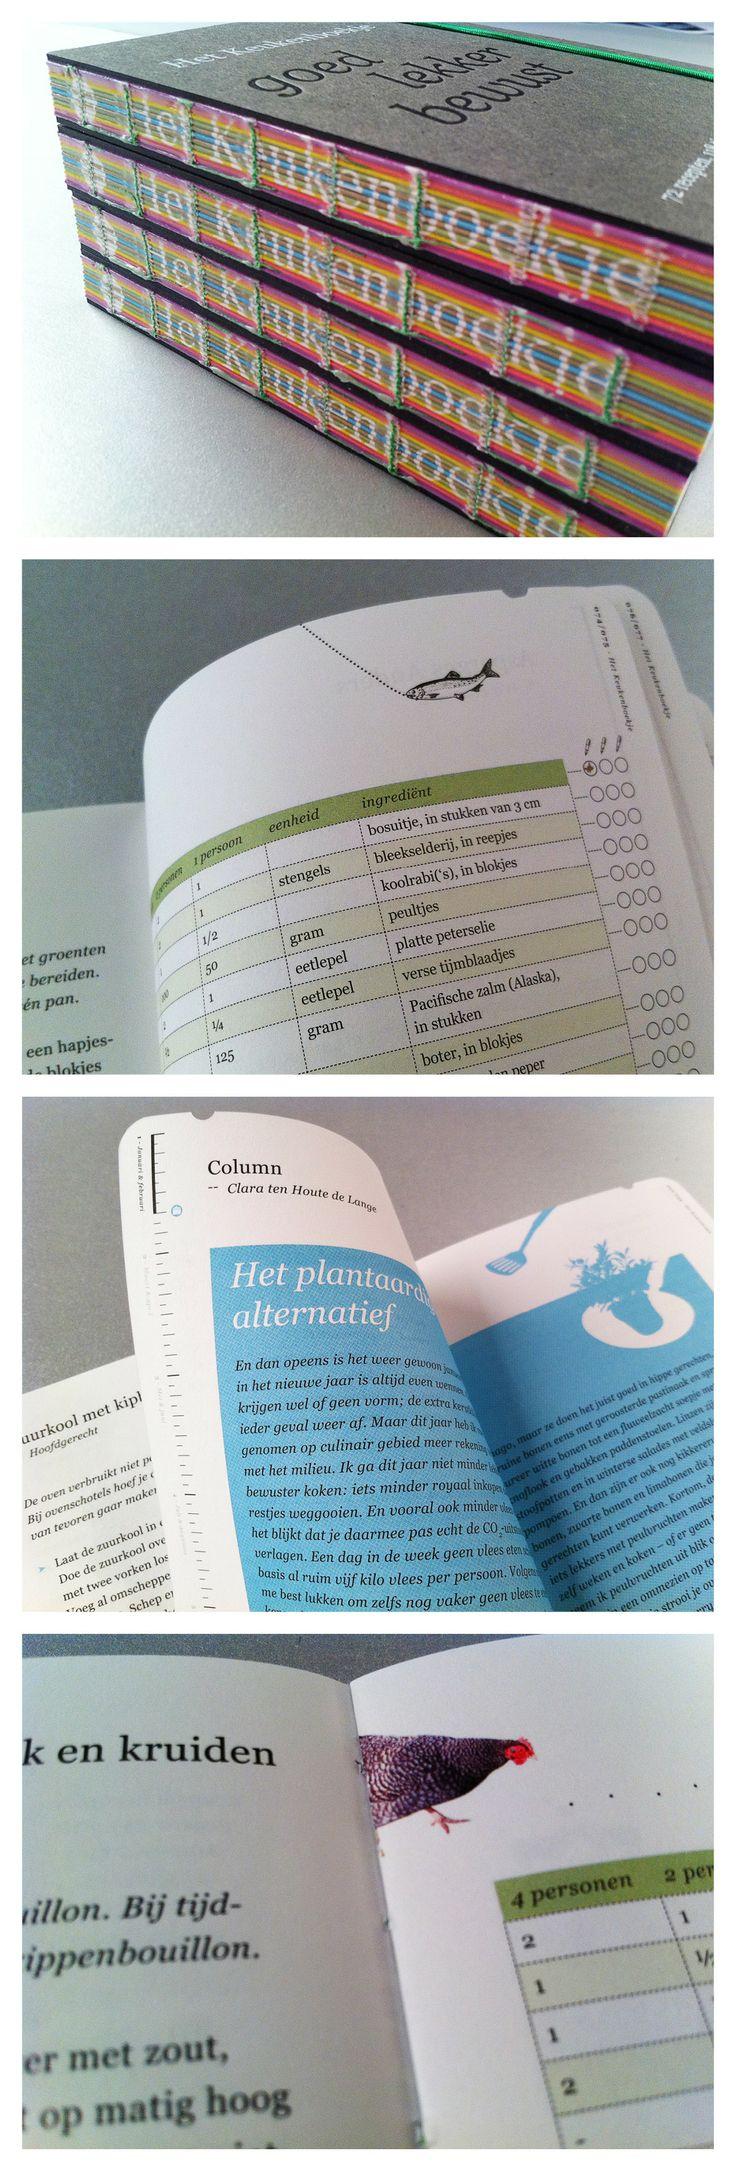 KEUKENBOEKJE Een klein boekje vol tips, recepten, tabellen en weetjes. Speels vormgegeven en op een mm grid gefinetuned. Ontwerp en dtp.